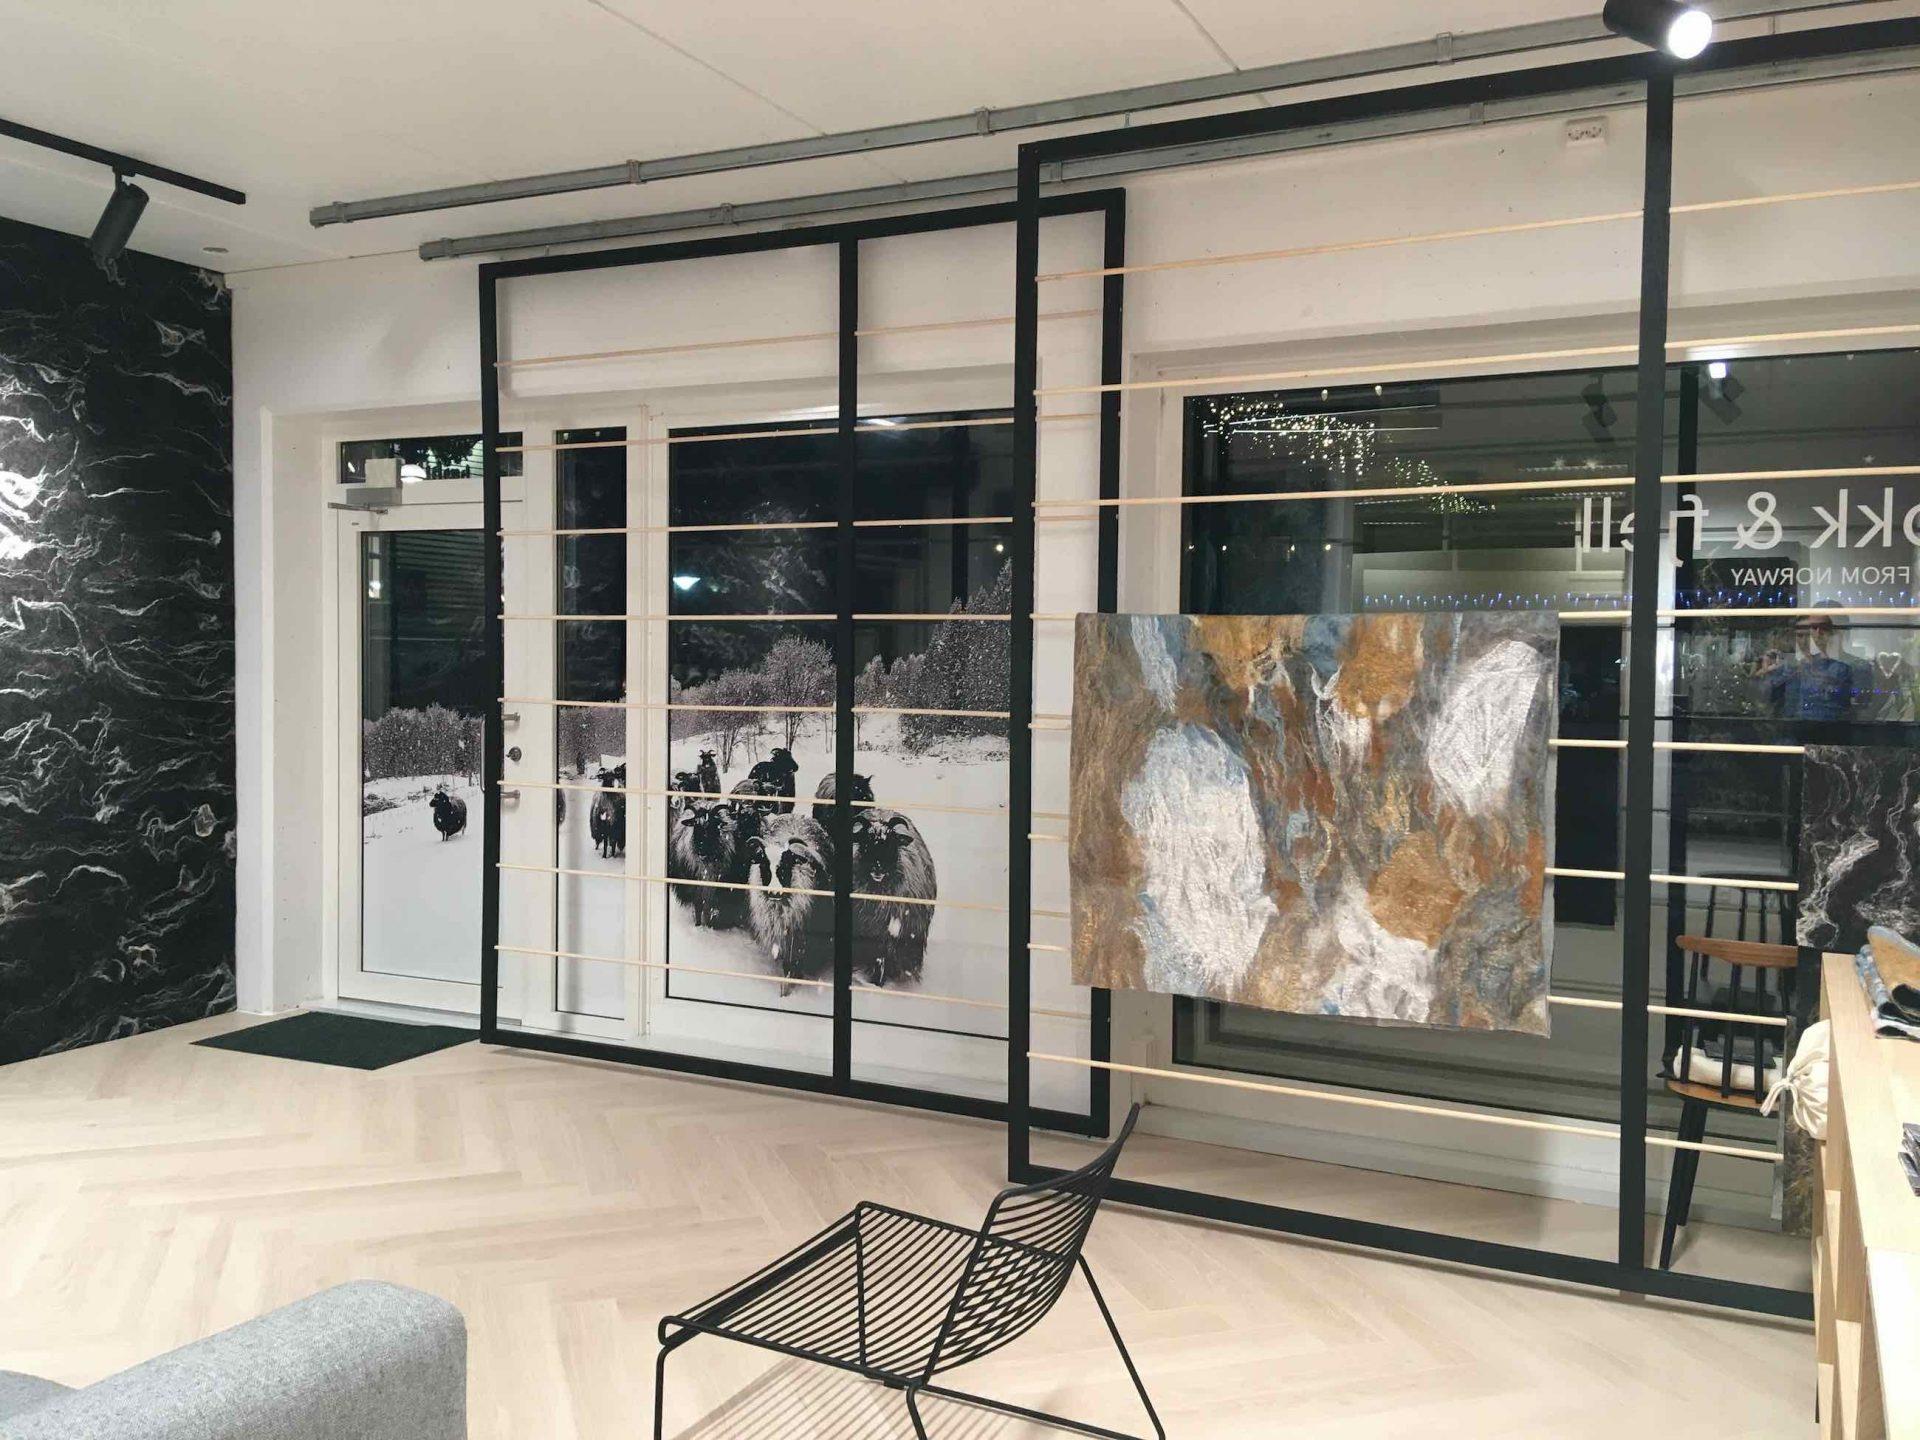 De etalage en het exterieur maken ook onderdeel uit van de projectinrichting. Hiervoor is een stellage ontworpen die zorgt voor een zachte overgang tussen binnen en buiten.